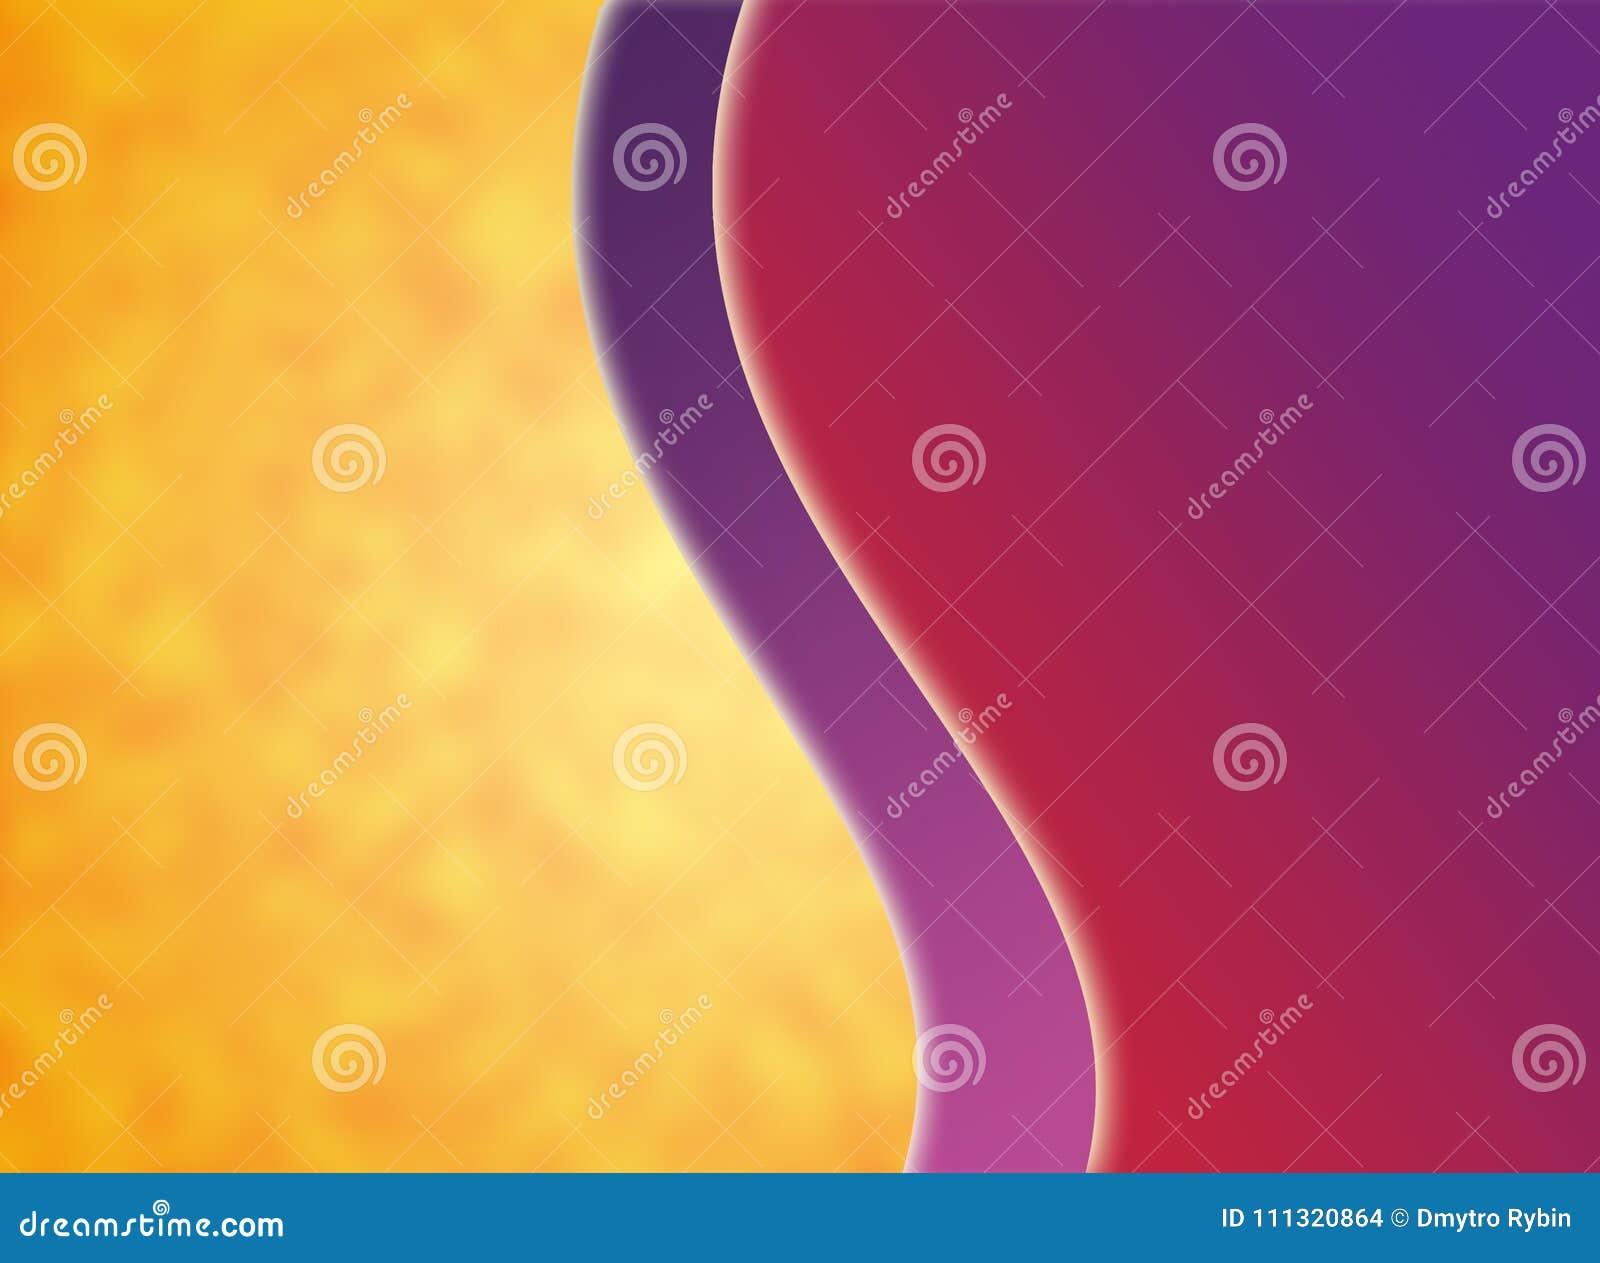 Kunstlerischer Hintergrund Purpurrote Violette Orange Gelbe Rote